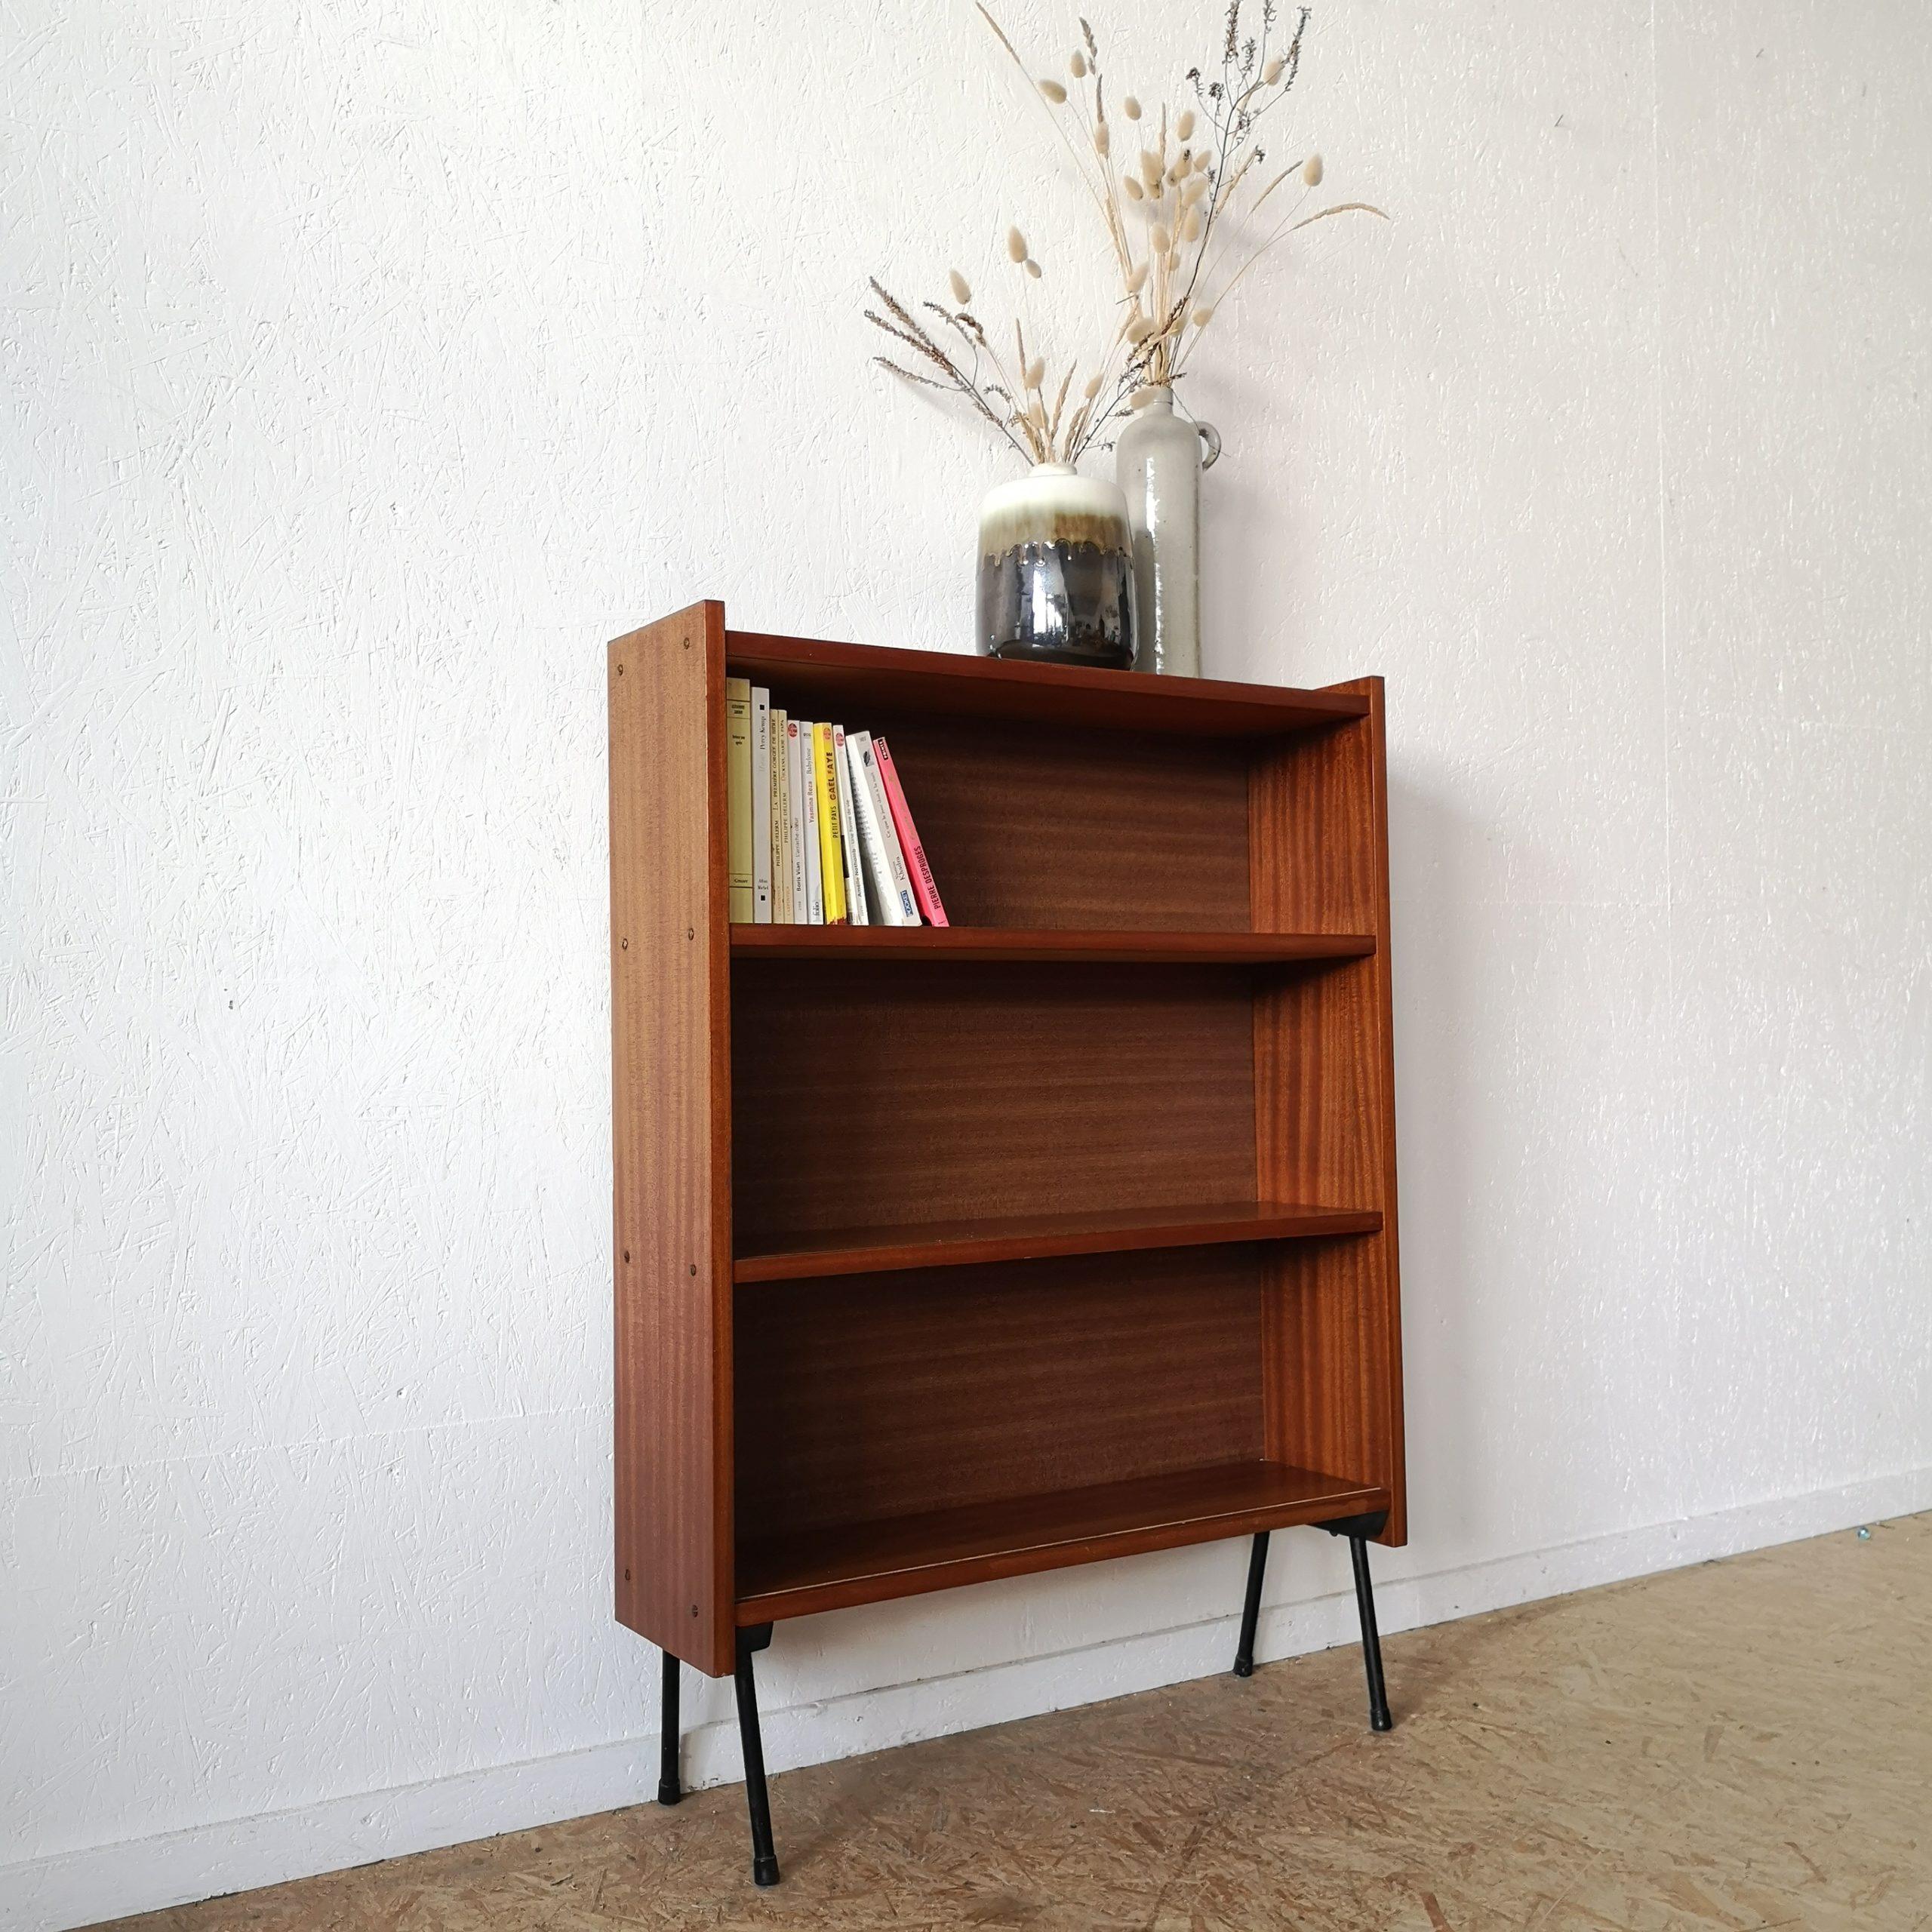 petite bibliotheque bois exotique vintage